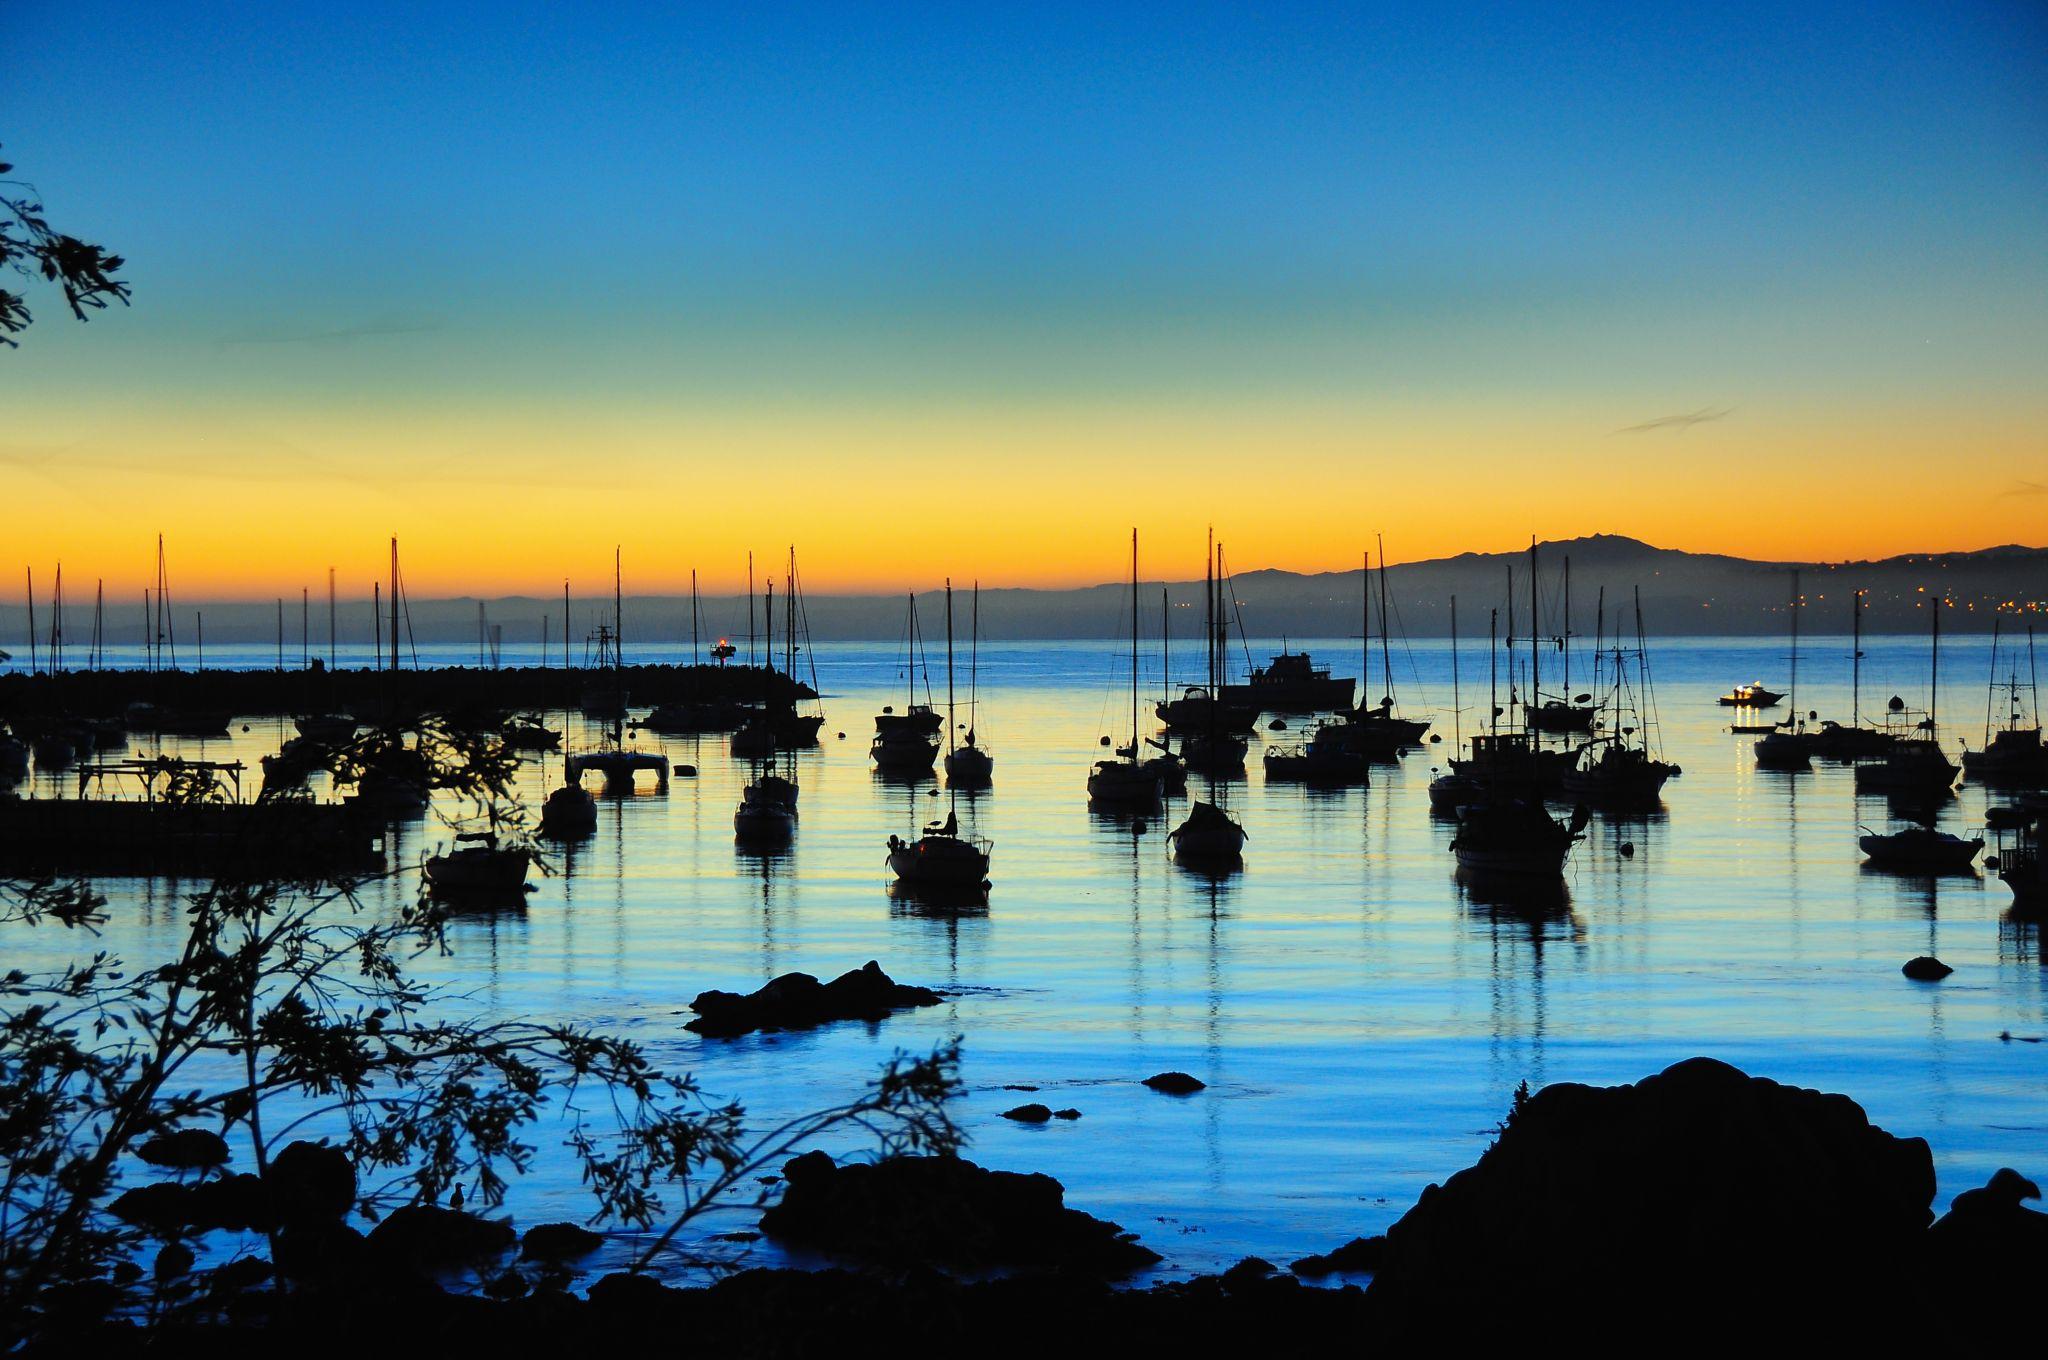 Monterey Bay, California, USA